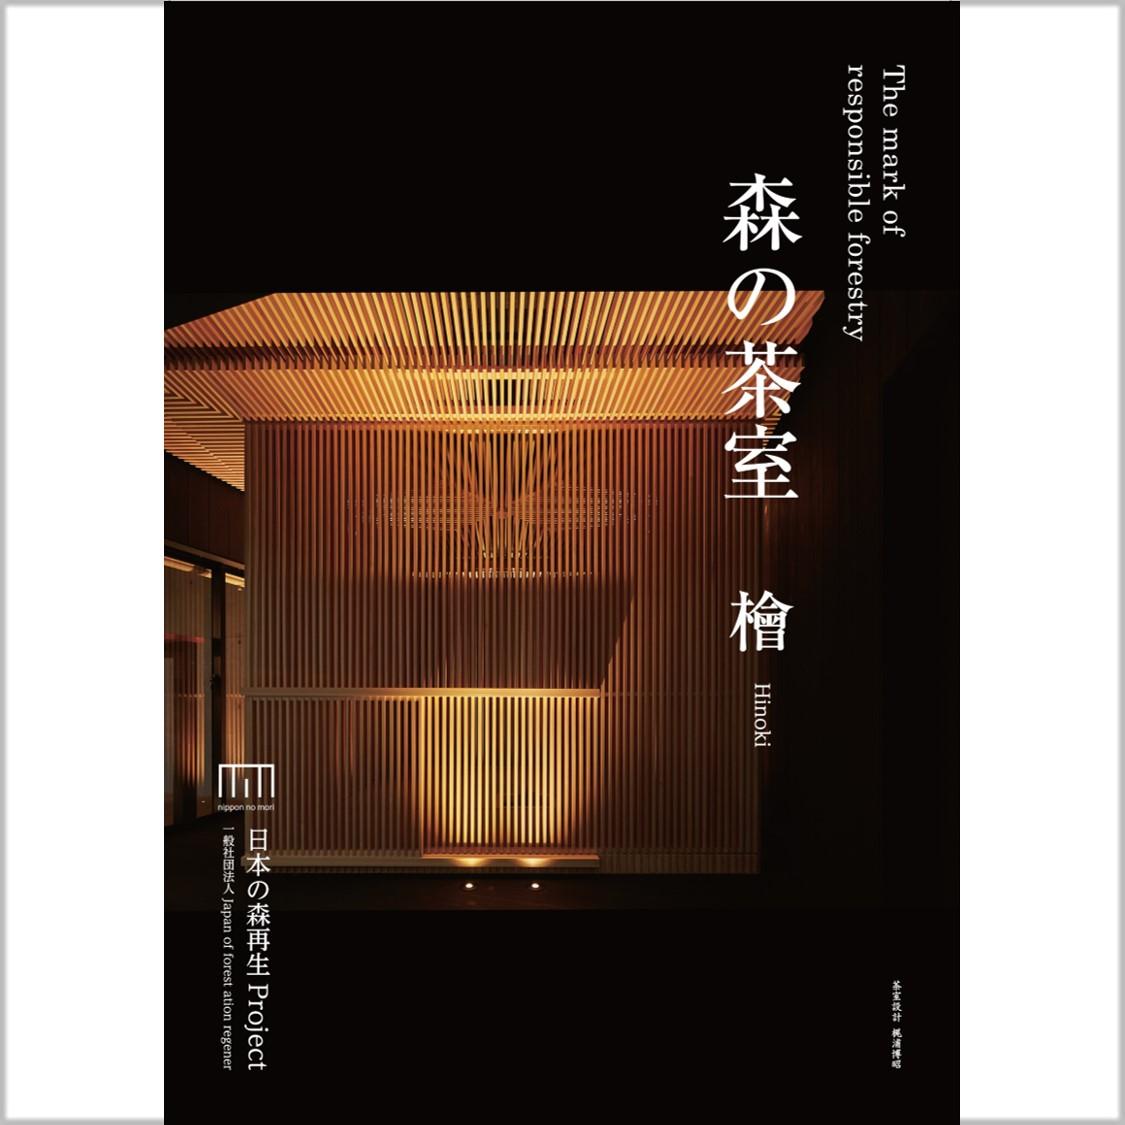 一般社団法人日本の森再生プロジェクト